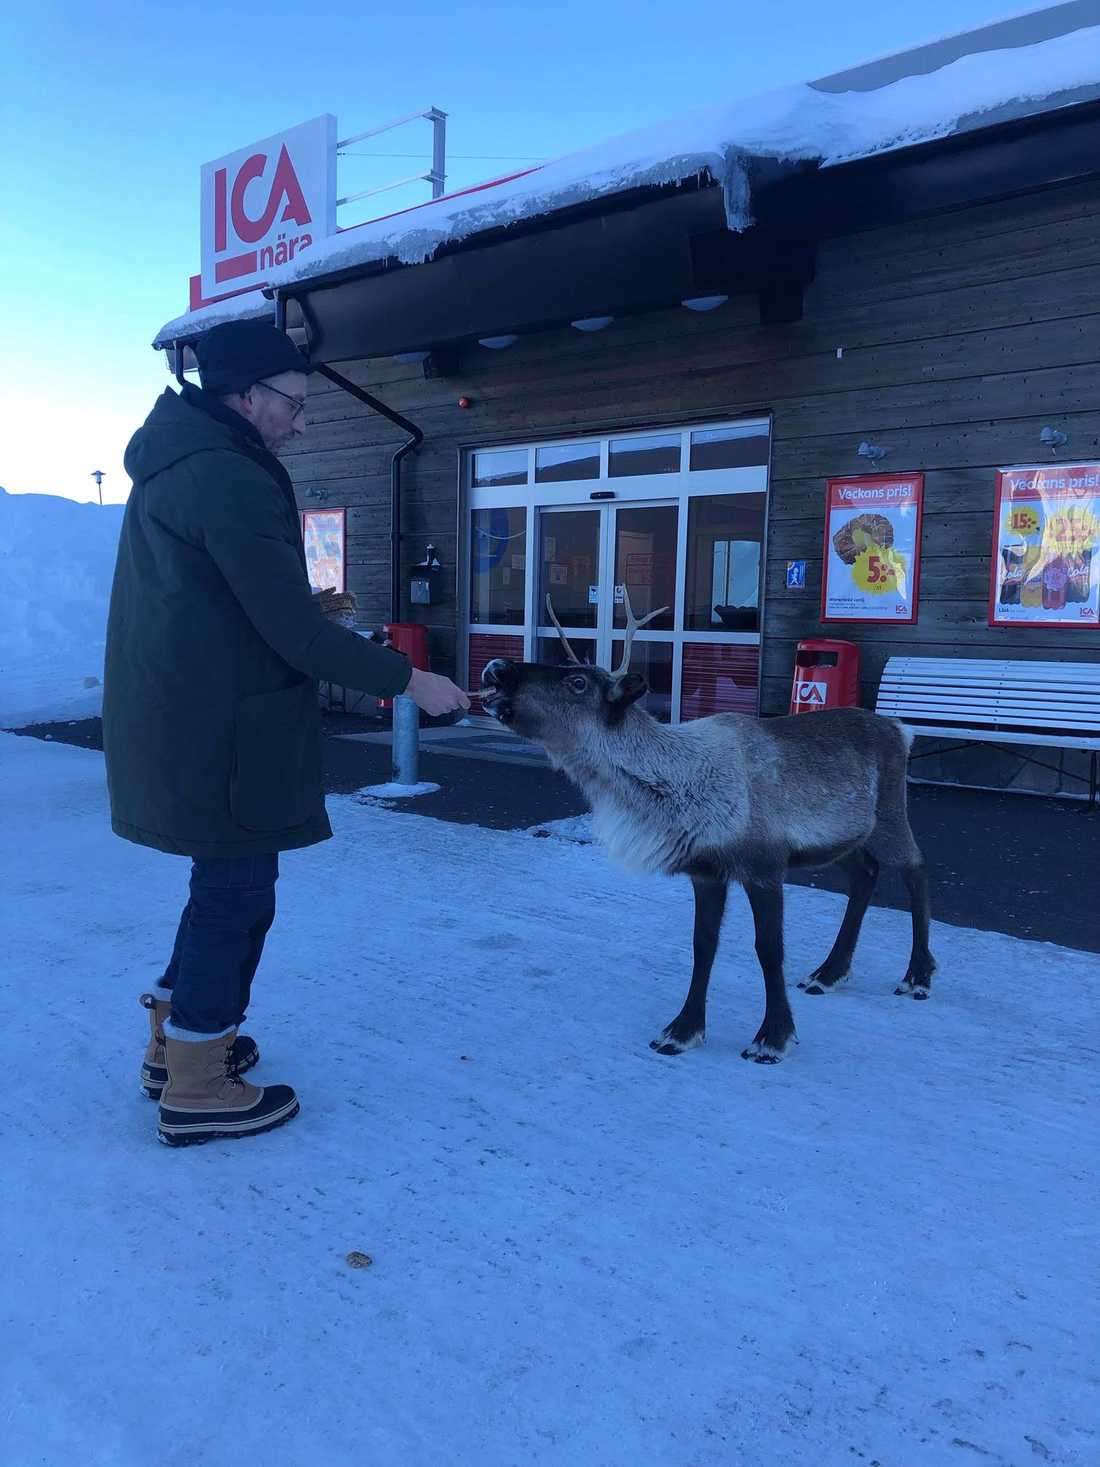 Petter Nilsson har under en tid matat renen med rågbröd utanför Ica-butiken.